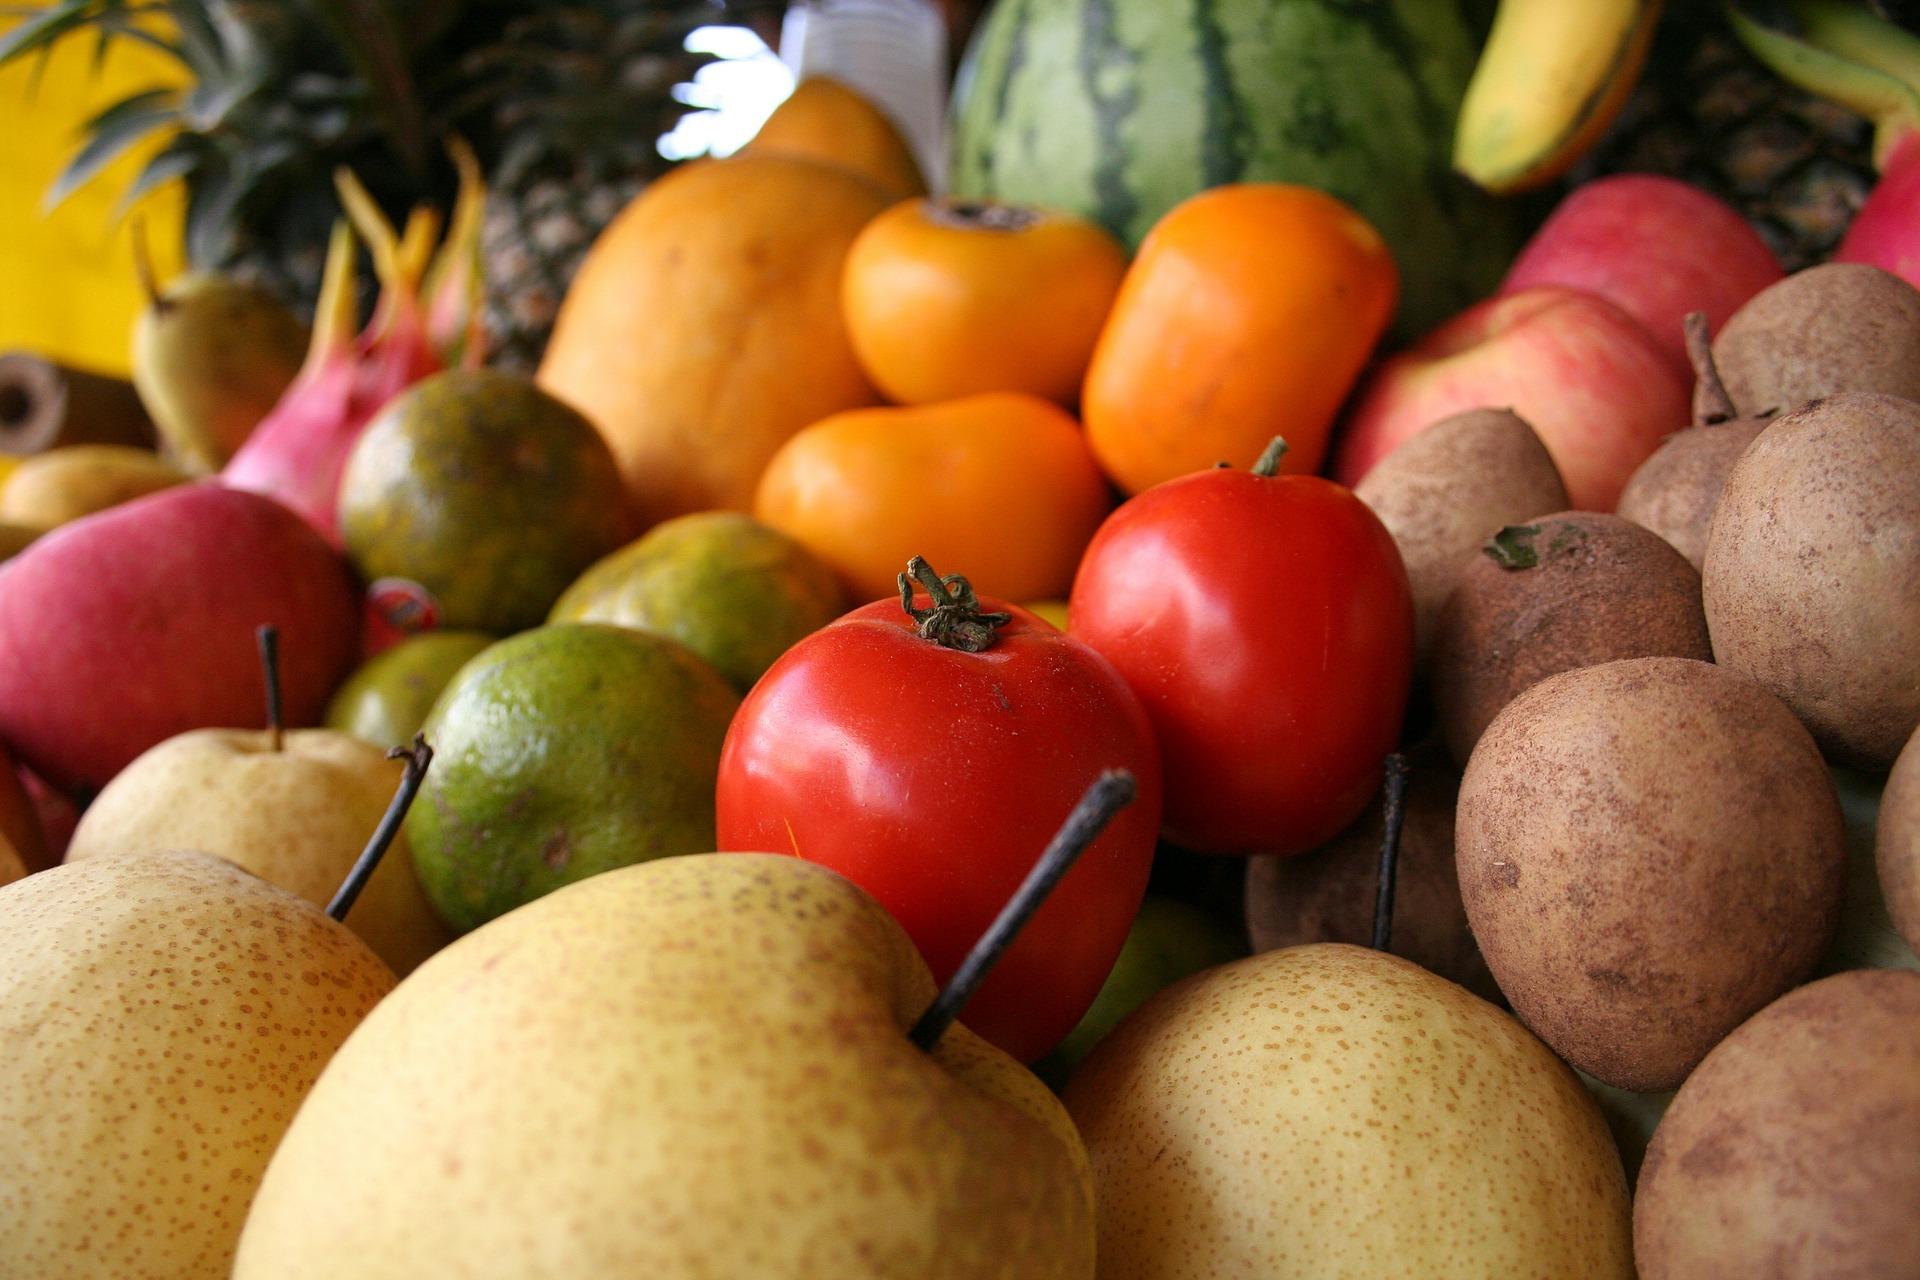 fruits-61896_1920